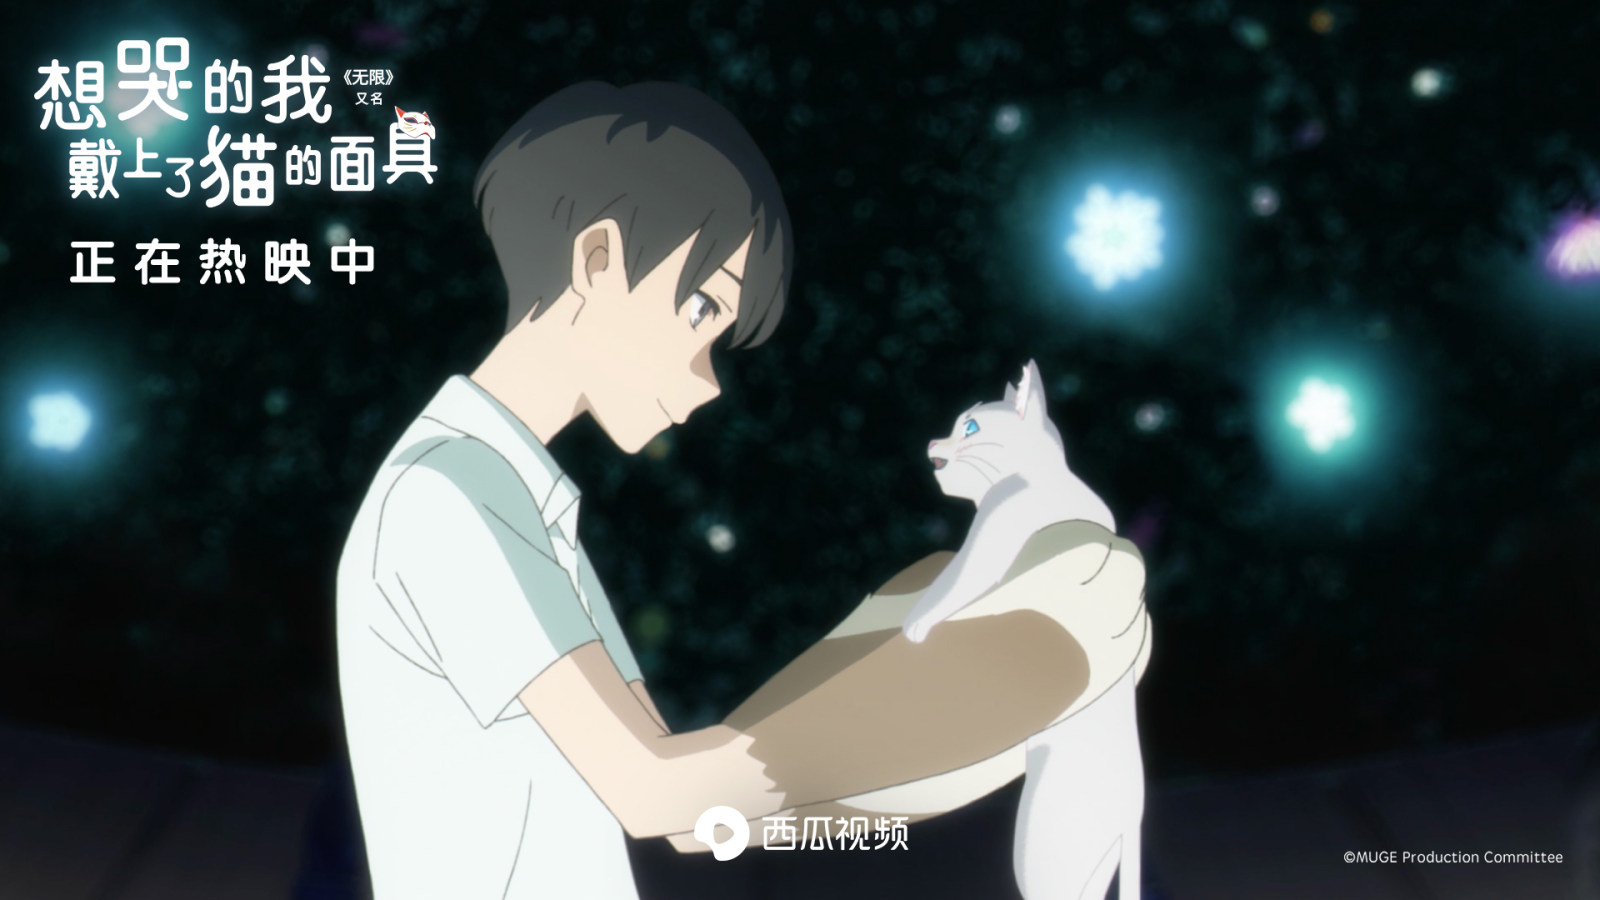 【名额已满】动画电影《无限》发布中国版海报,留言送20个观影码